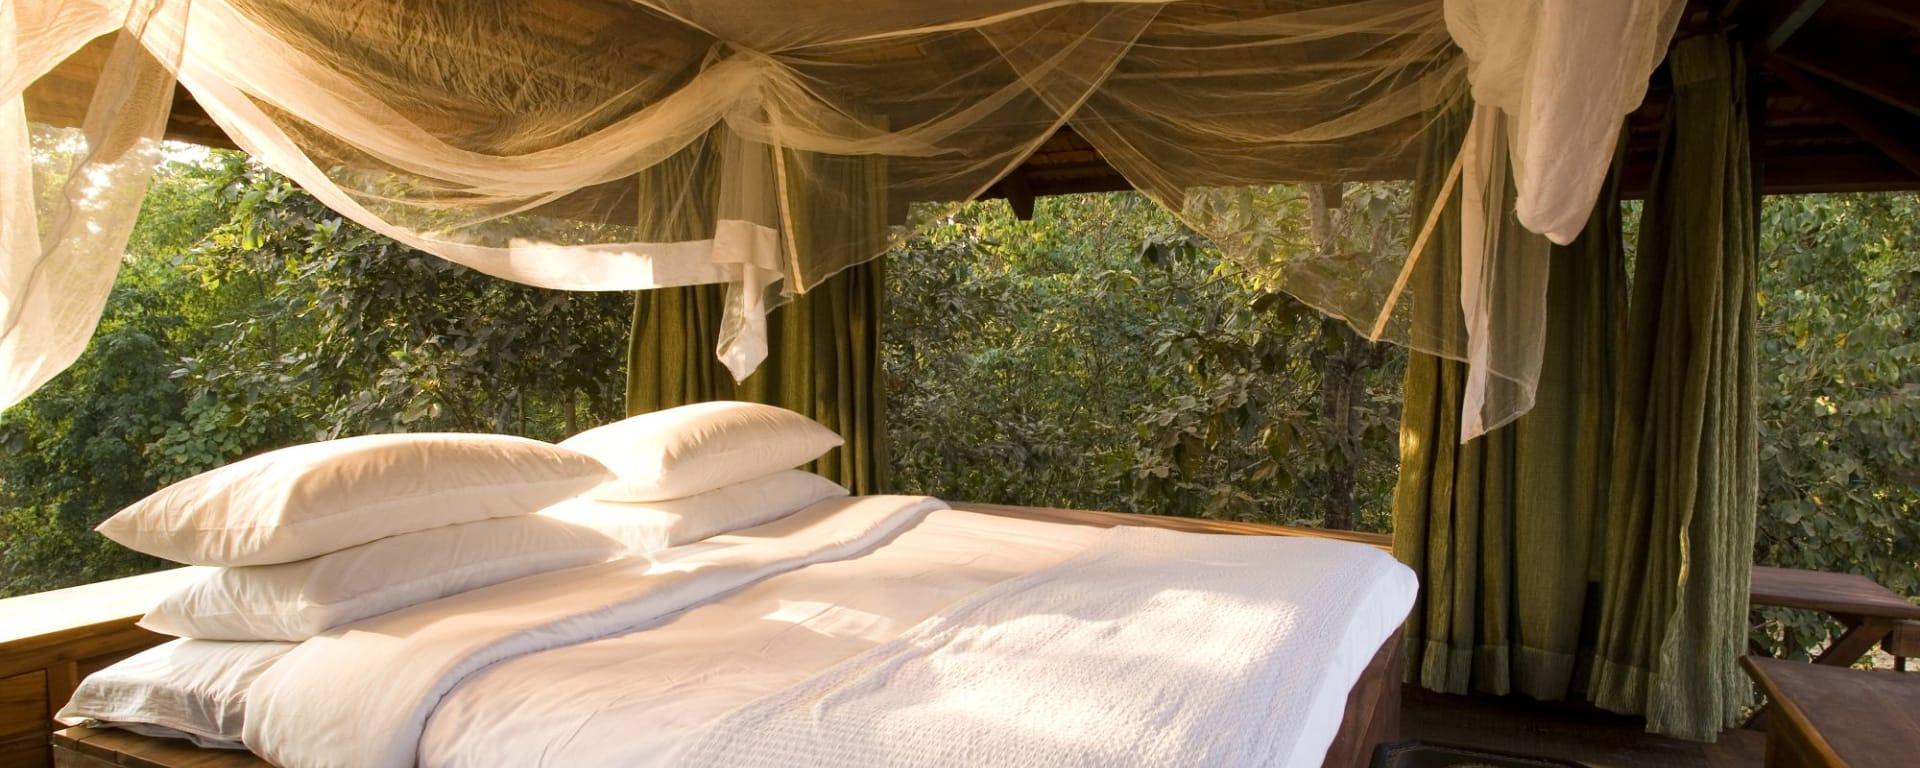 Baghvan Lodge in Pench: Suite | Rooftop Sleeping